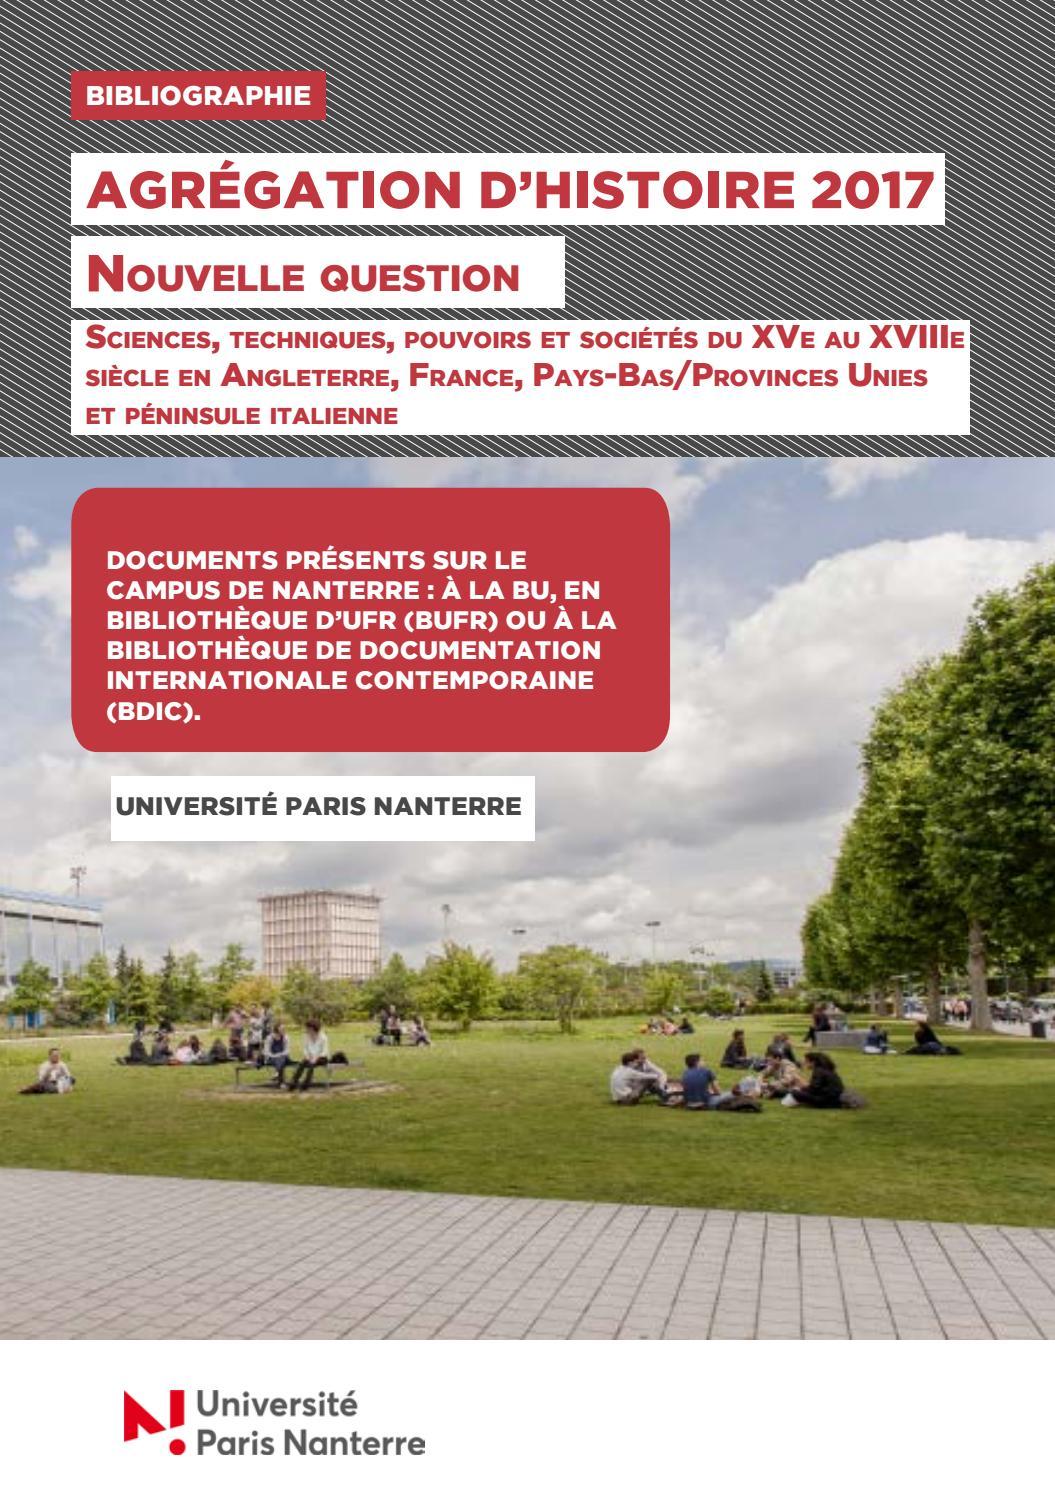 Le Jardin Des Provinces Pessac Nouveau Bibliographie Agregation D Histoire 2017 Sciences